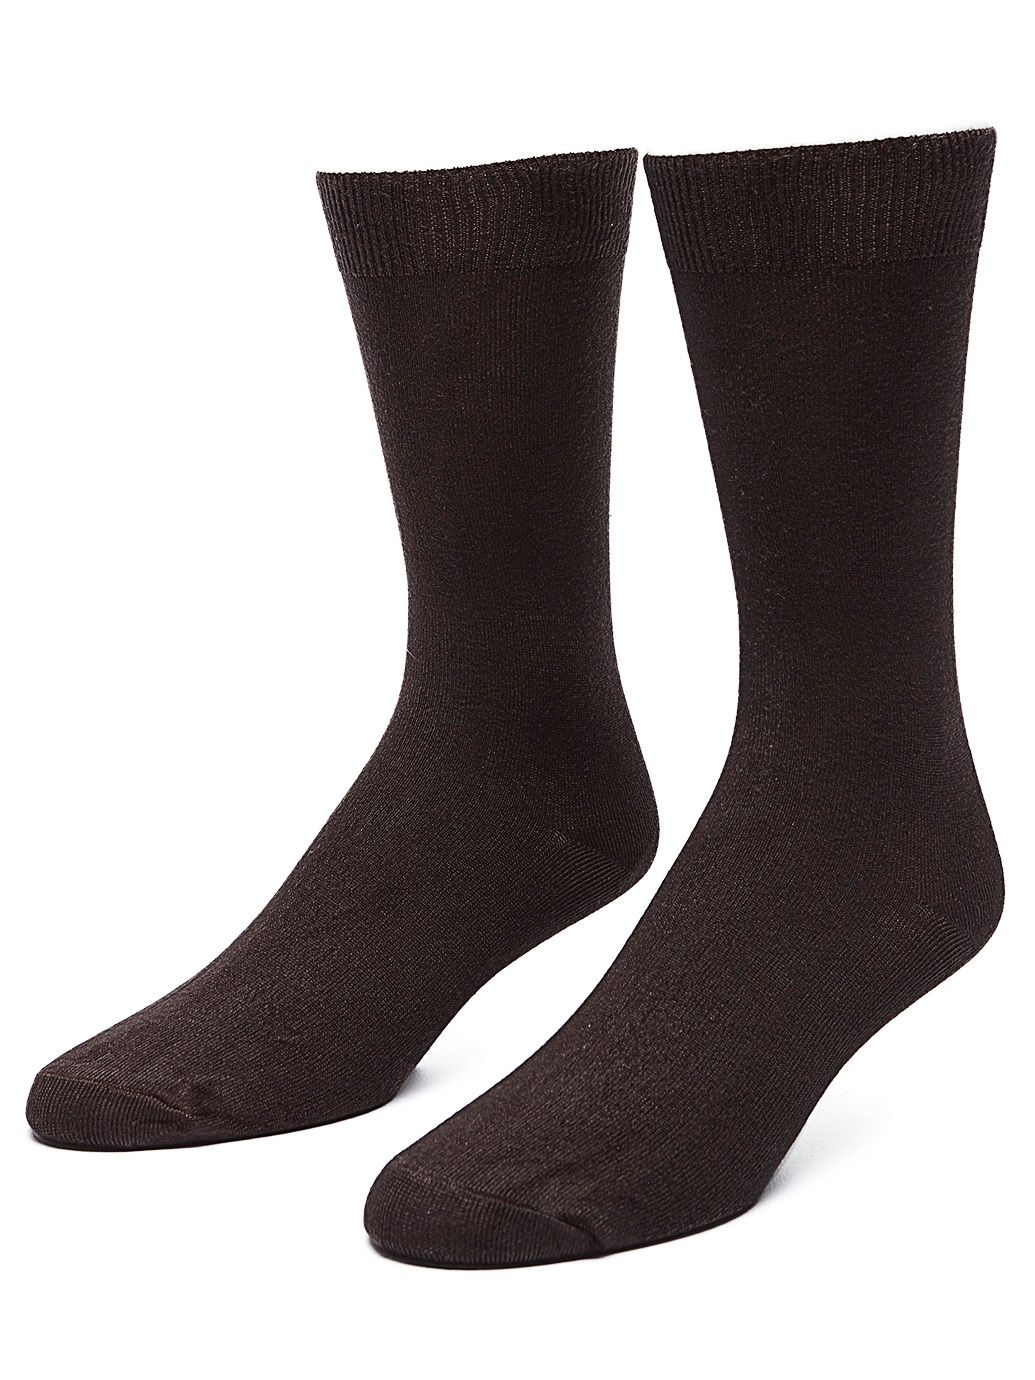 Menu2019s Modal Trouser Sock | American Apparel